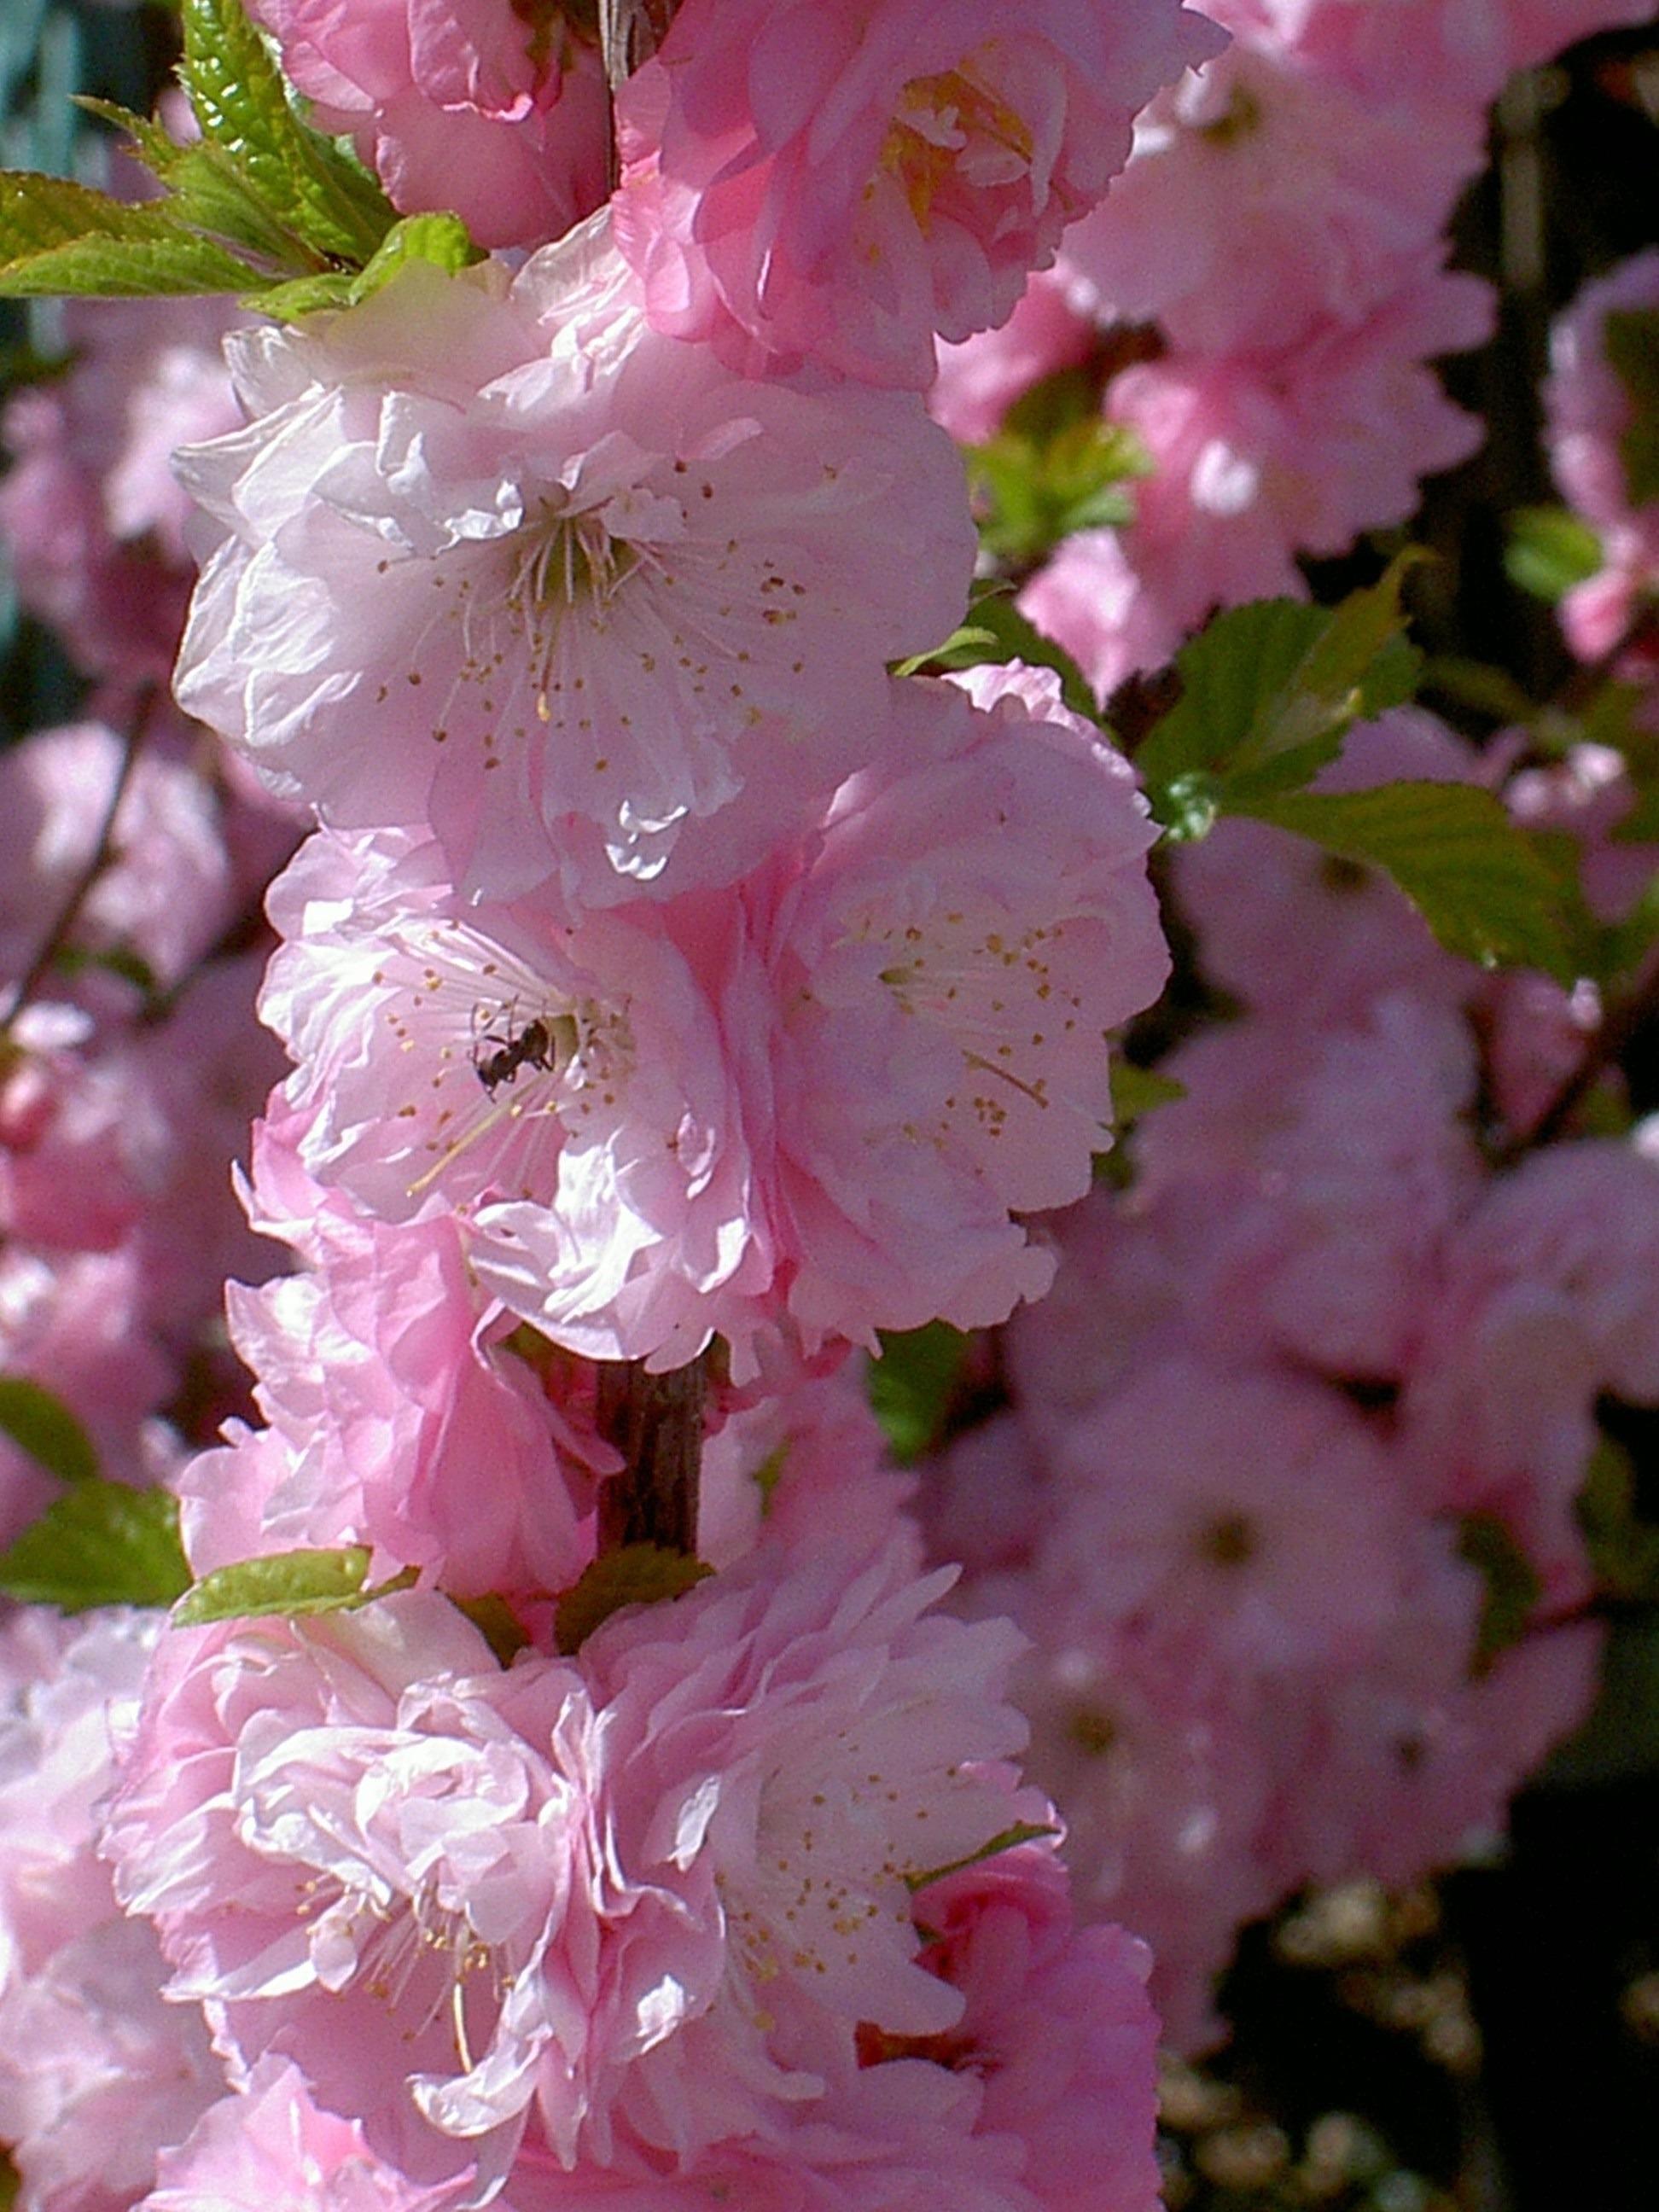 этом центр куст розовые цветы фото анорексии умирают гораздо